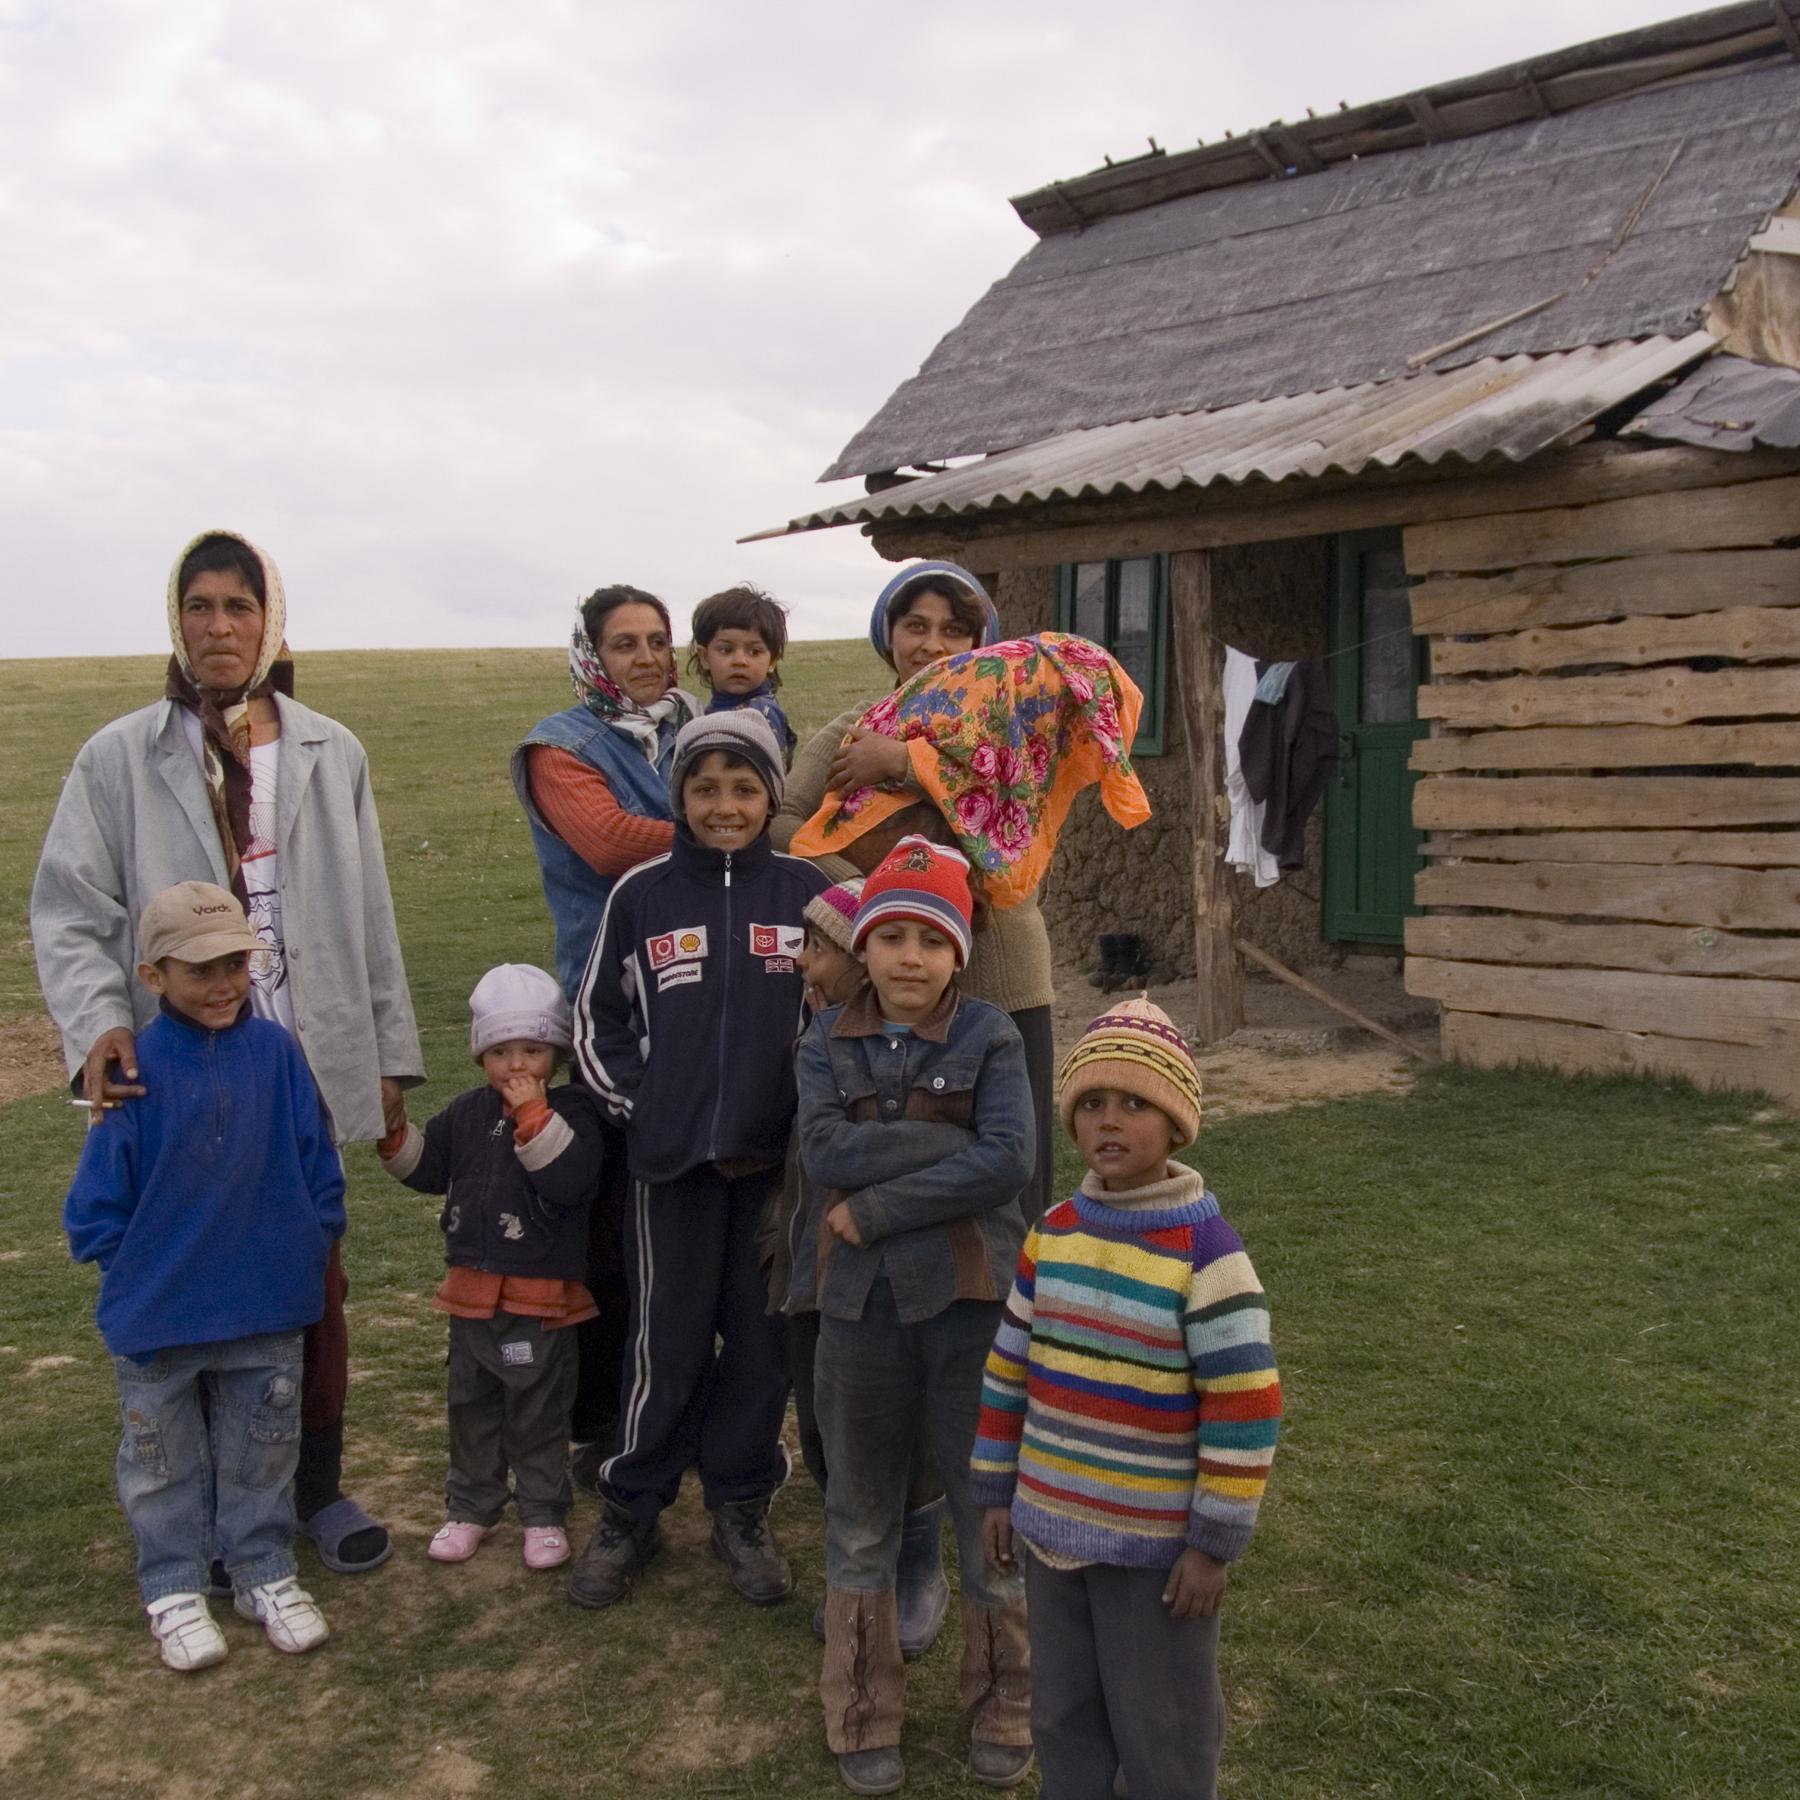 Minderheiten in Osteuropa - Instrumentalisiert, verfolgt, vertrieben